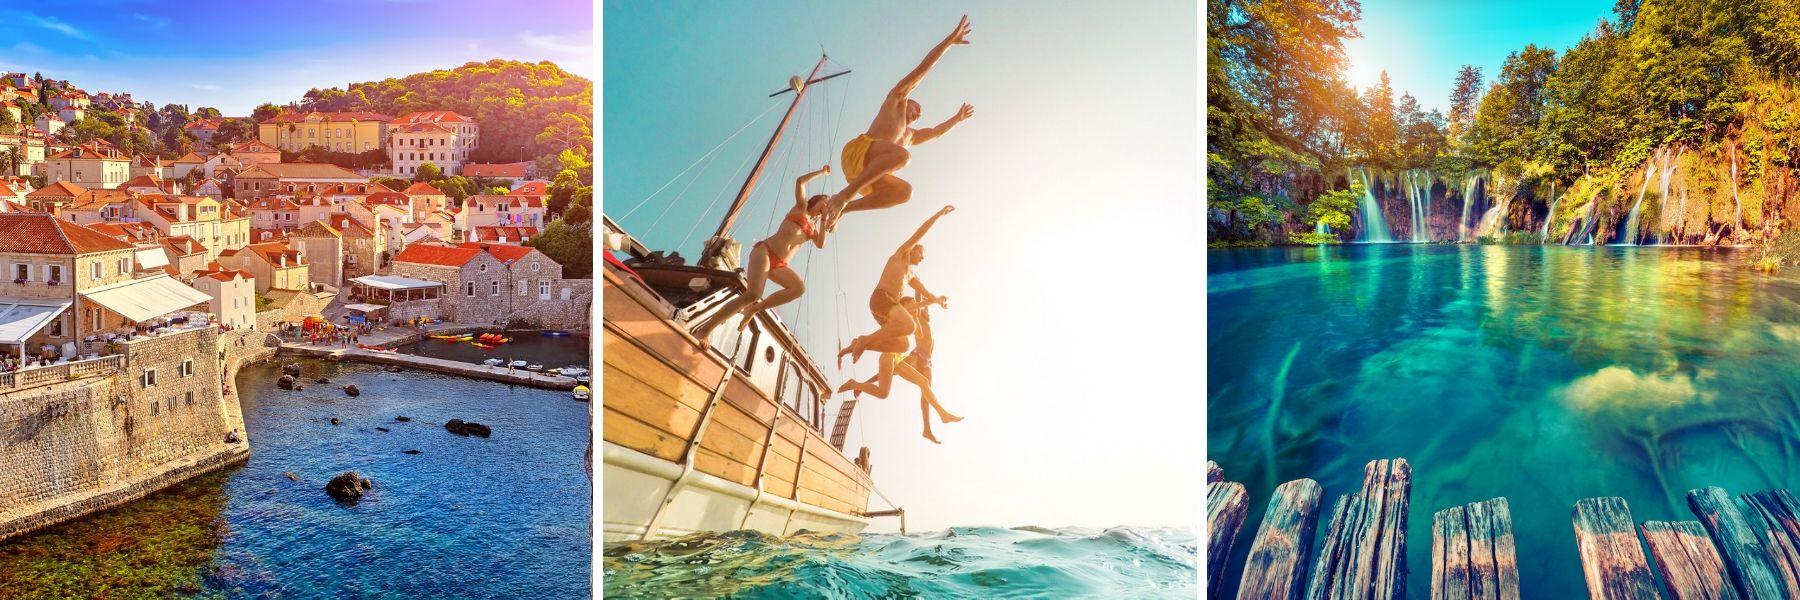 Unforgettable Croatia, Dubrovnik, Plitvice Lakes